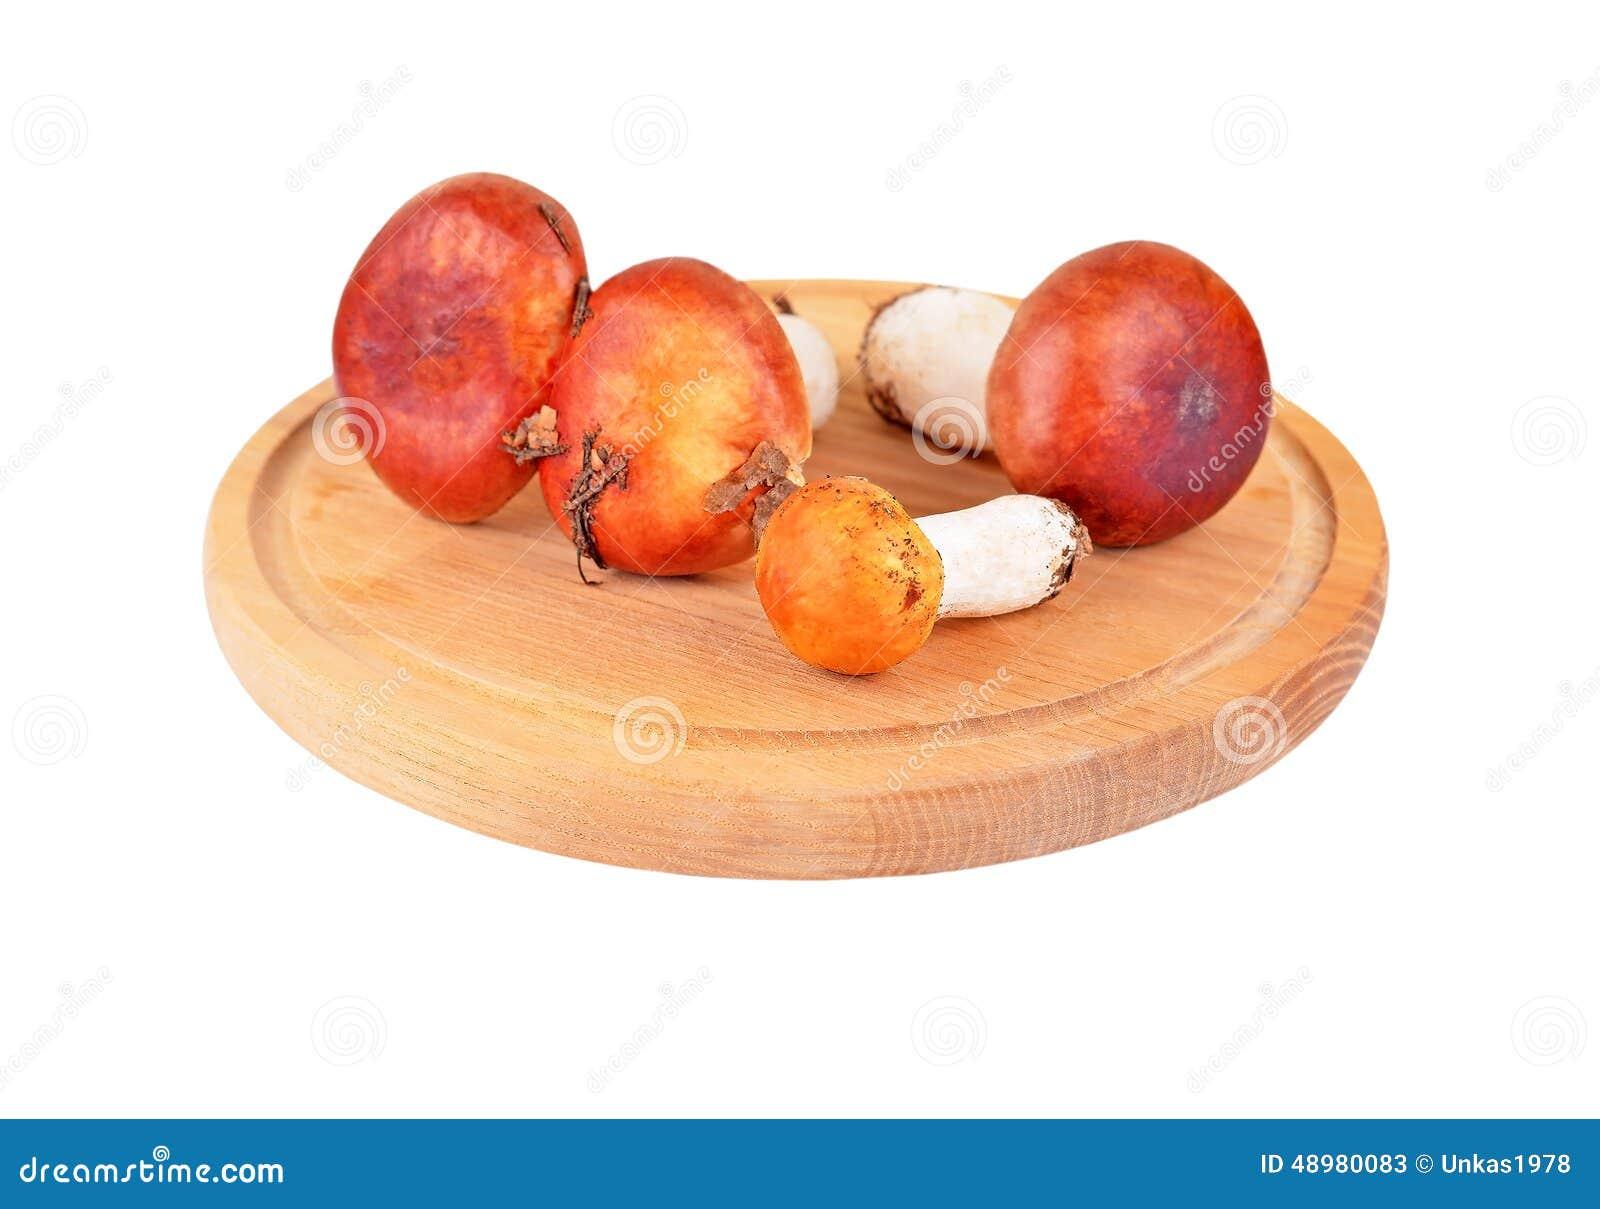 Boletus edulis mushroom on wooden board